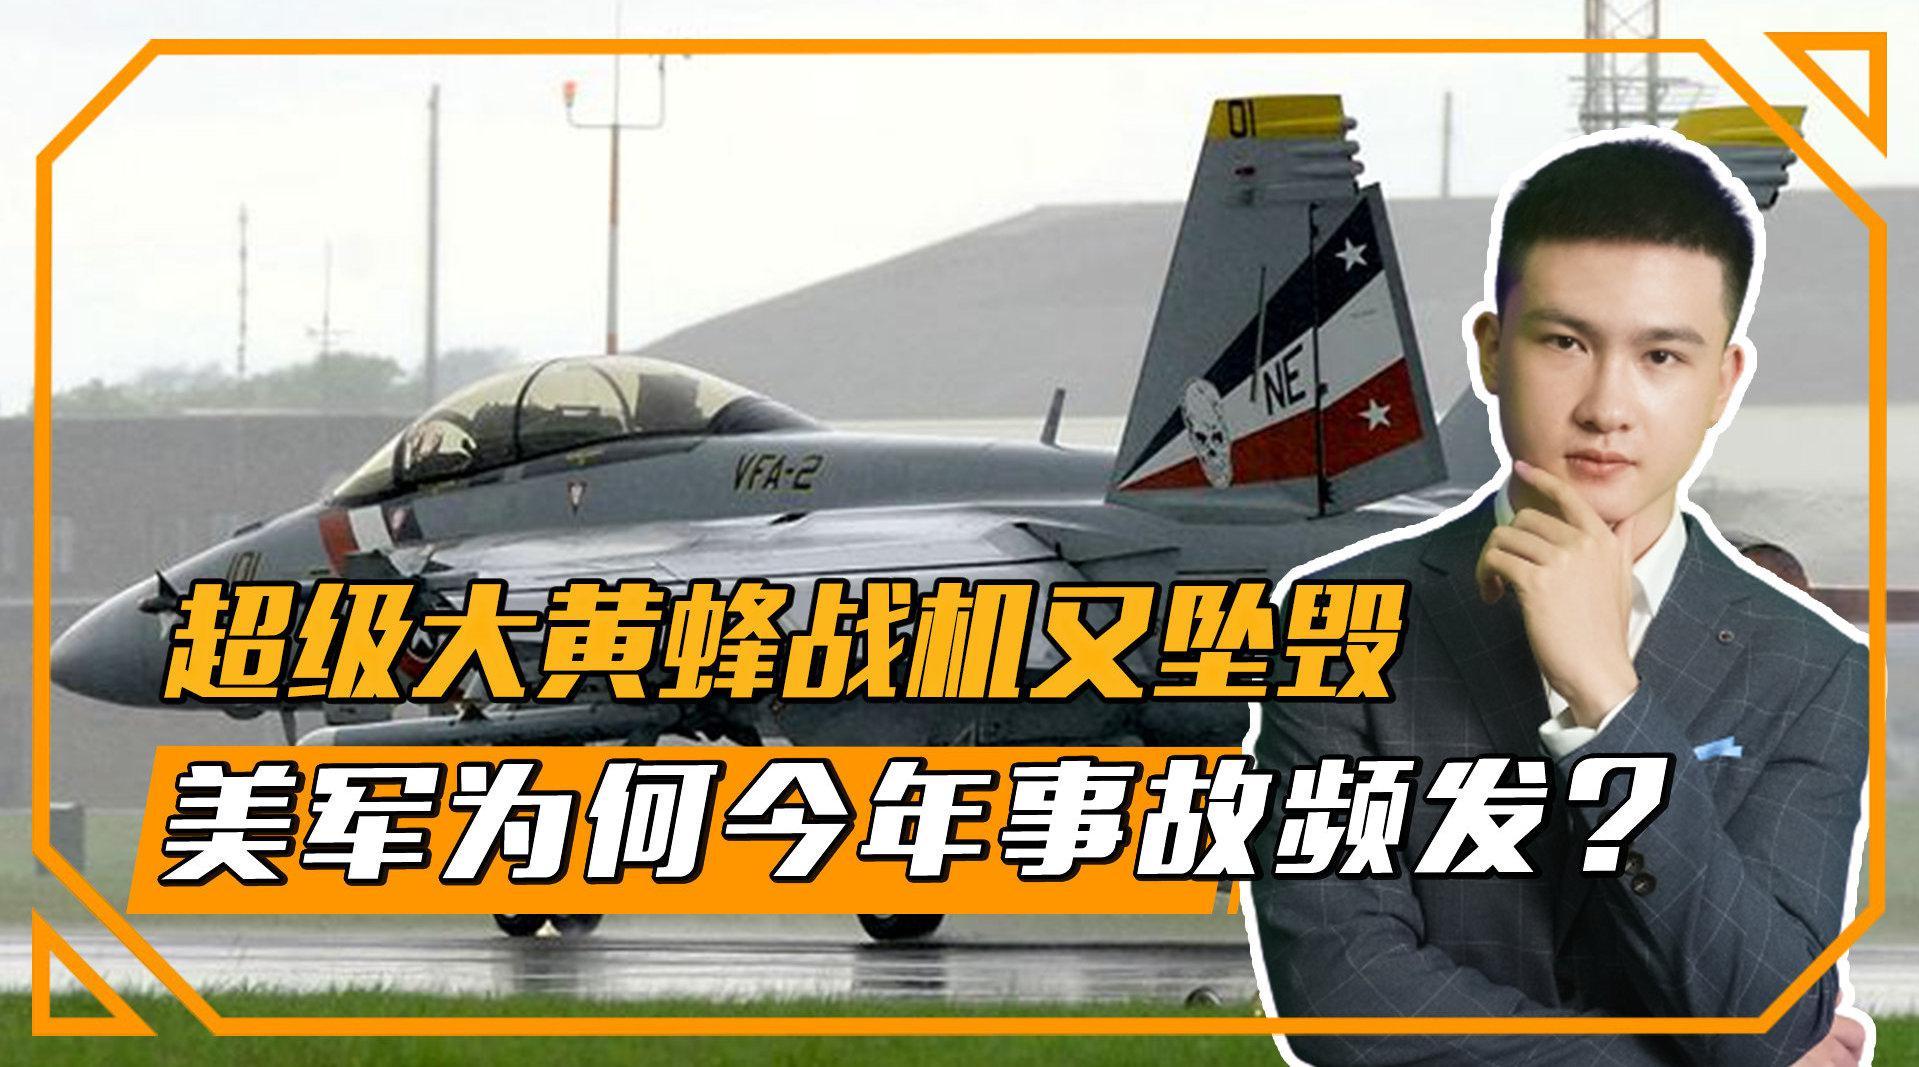 超级大黄蜂战机又坠毁,美军为何今年事故频发?